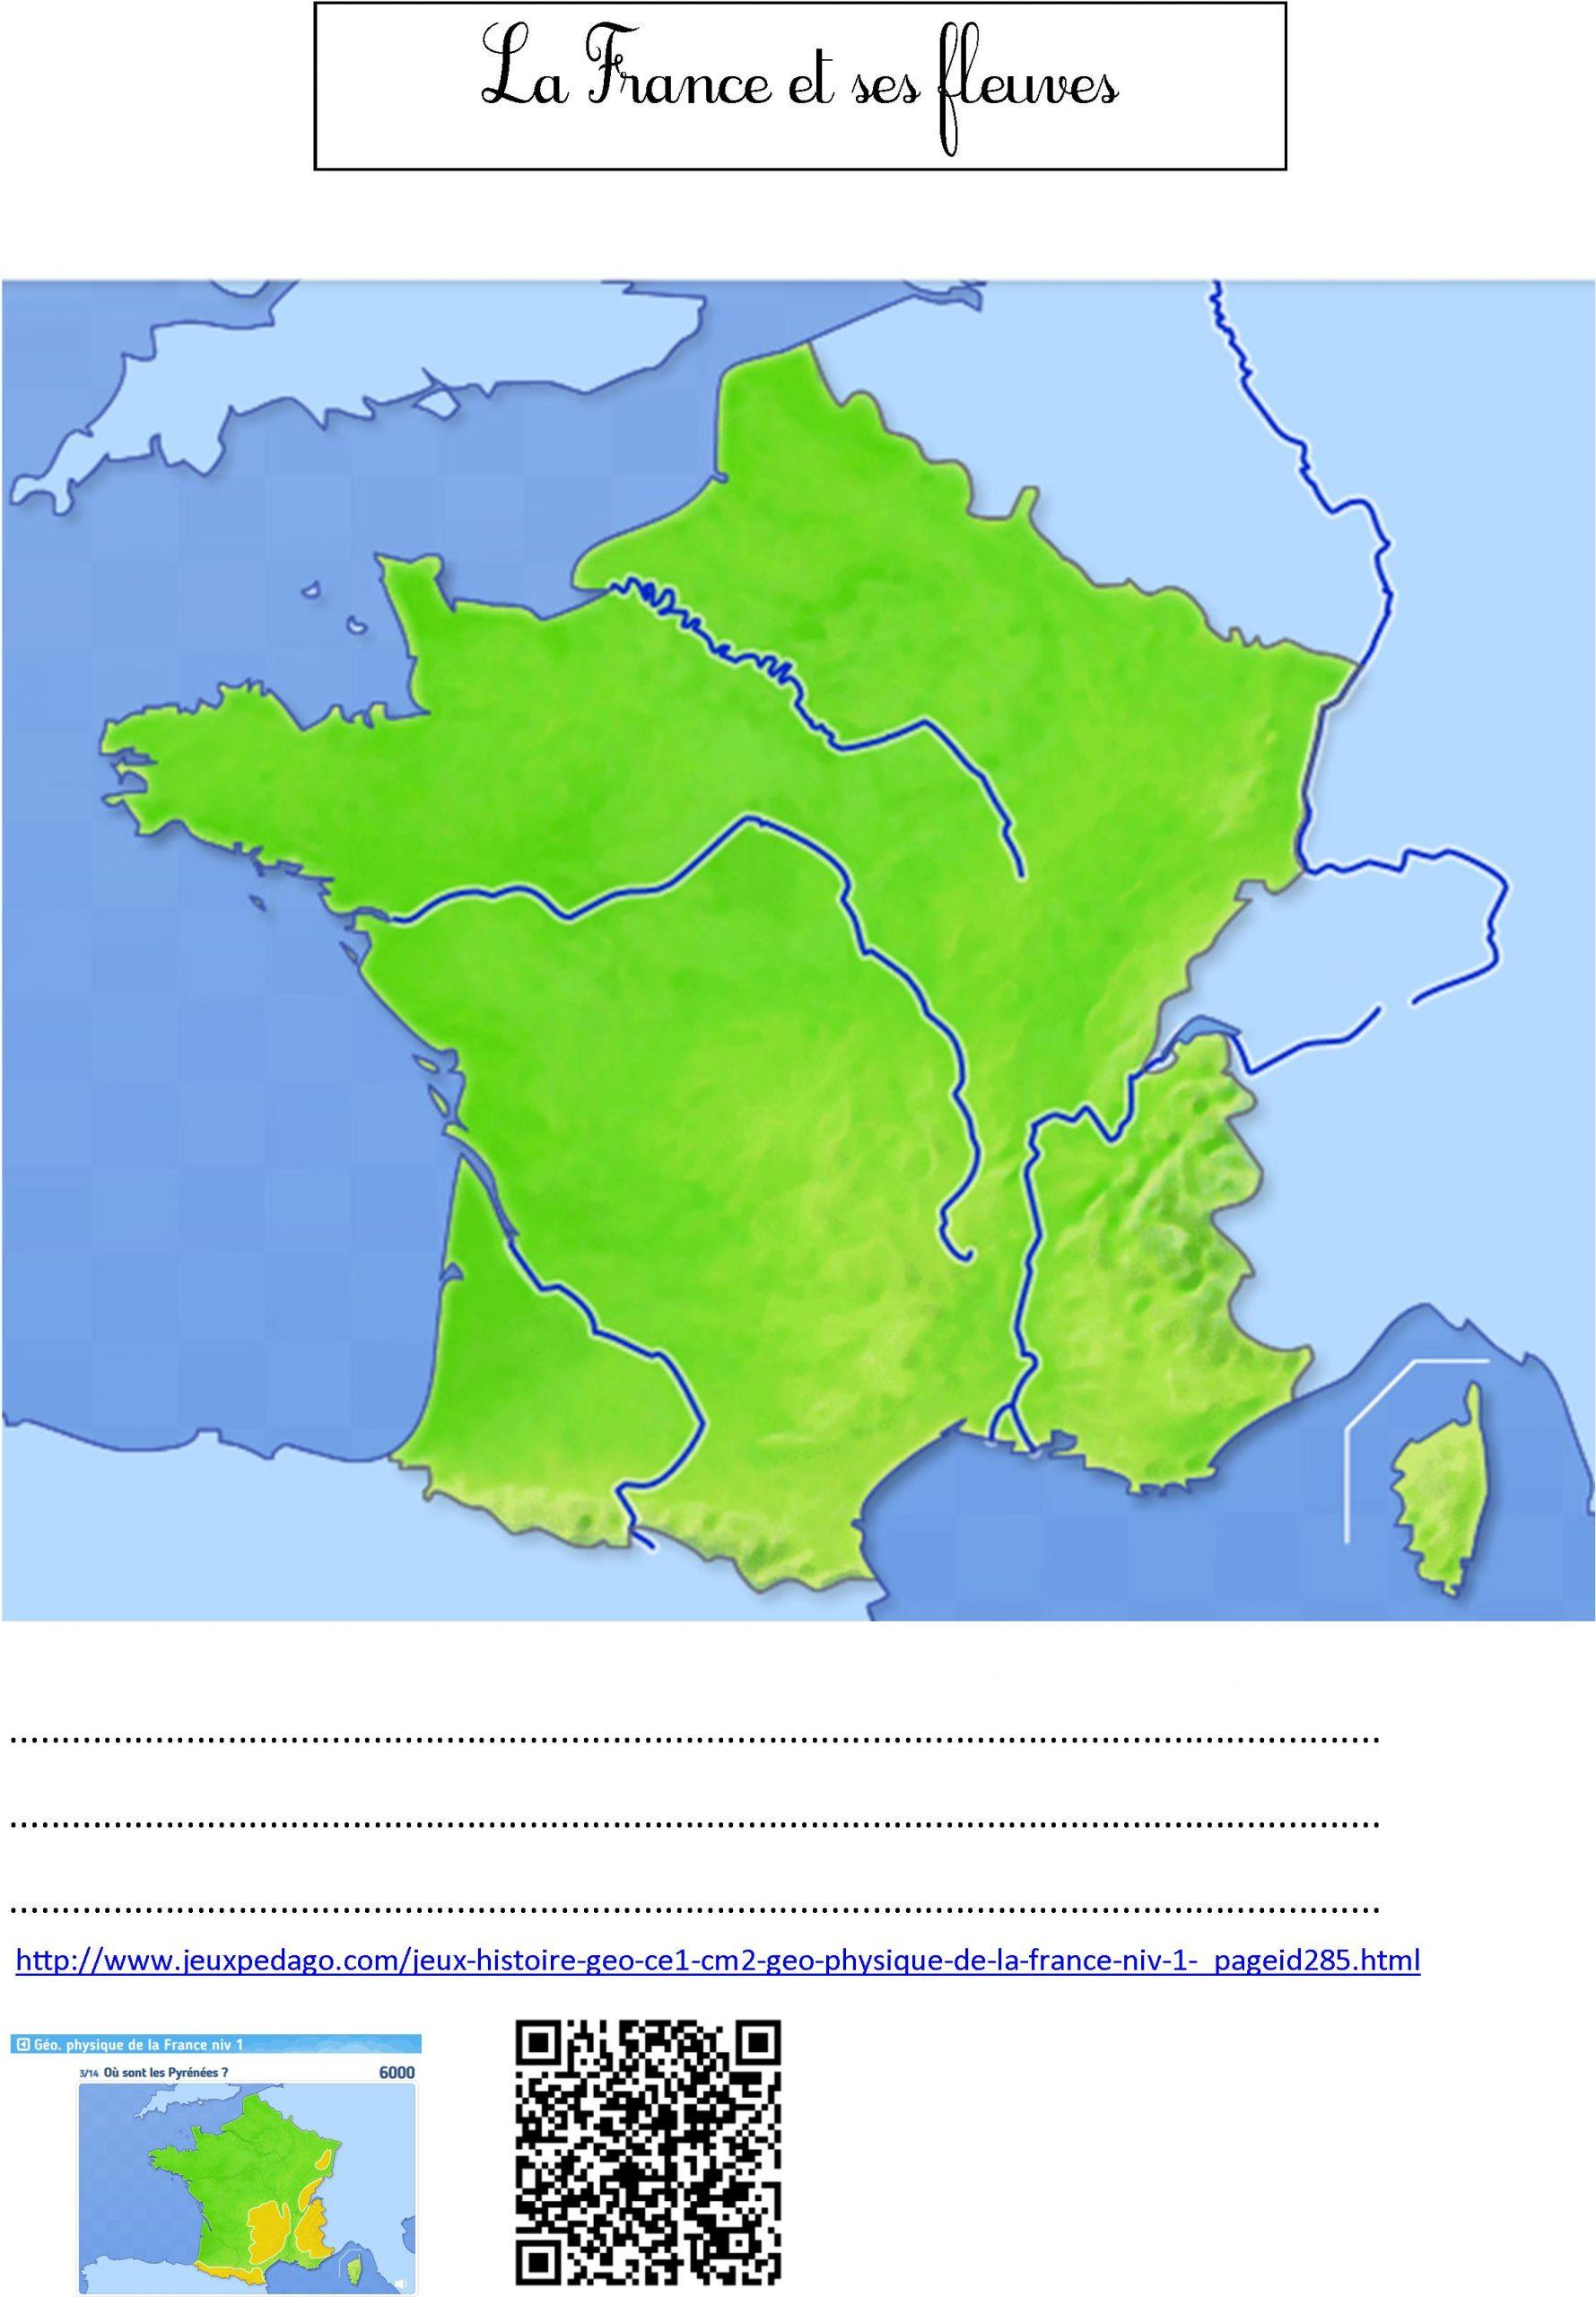 Géographie | Le Blog De Monsieur Mathieu concernant Jeu Geographie France